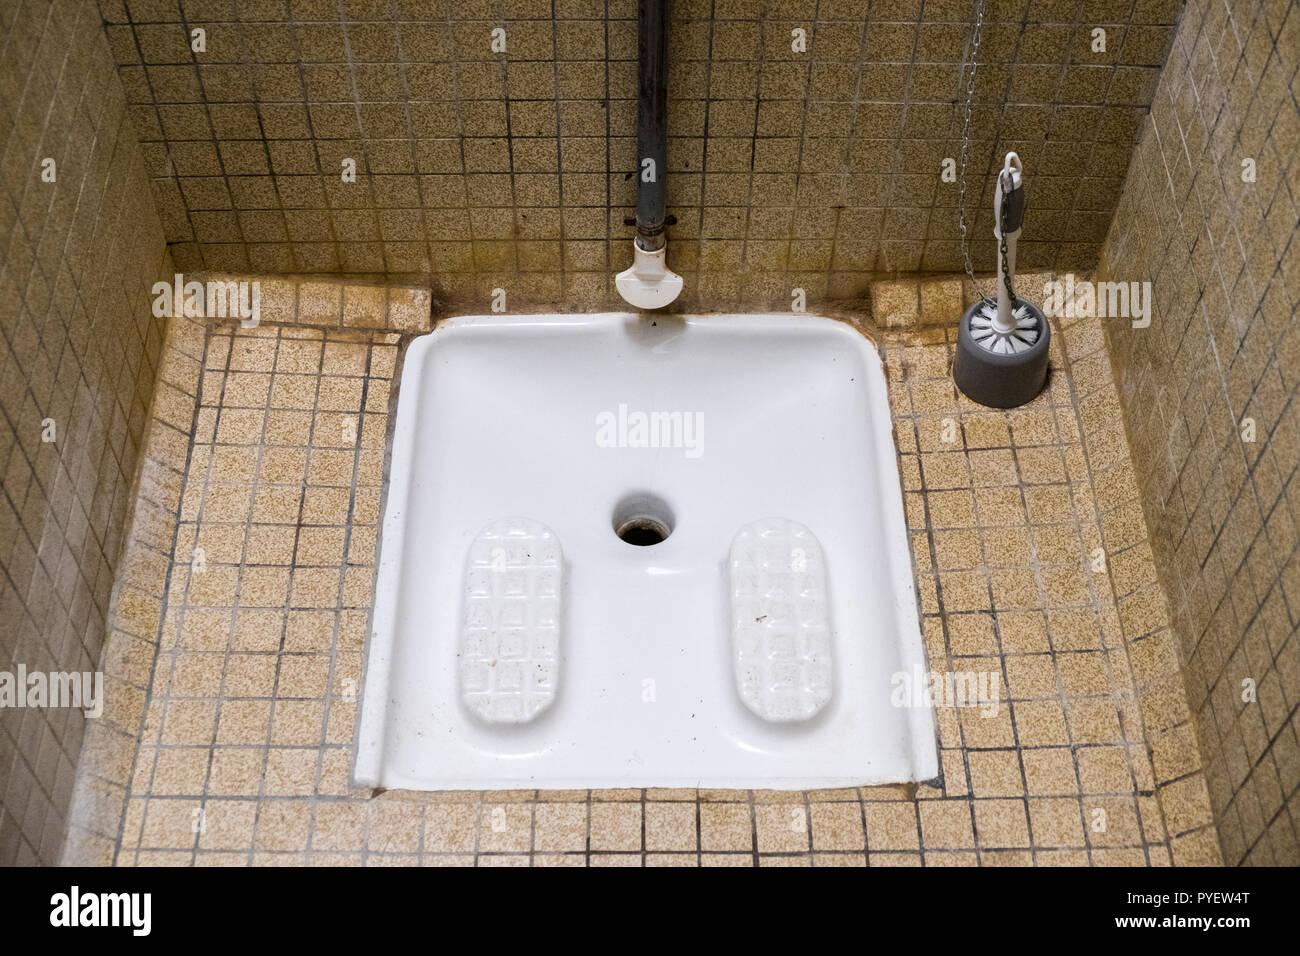 Bagno Turco Wc.Turkish Toilet Immagini Turkish Toilet Fotos Stock Alamy